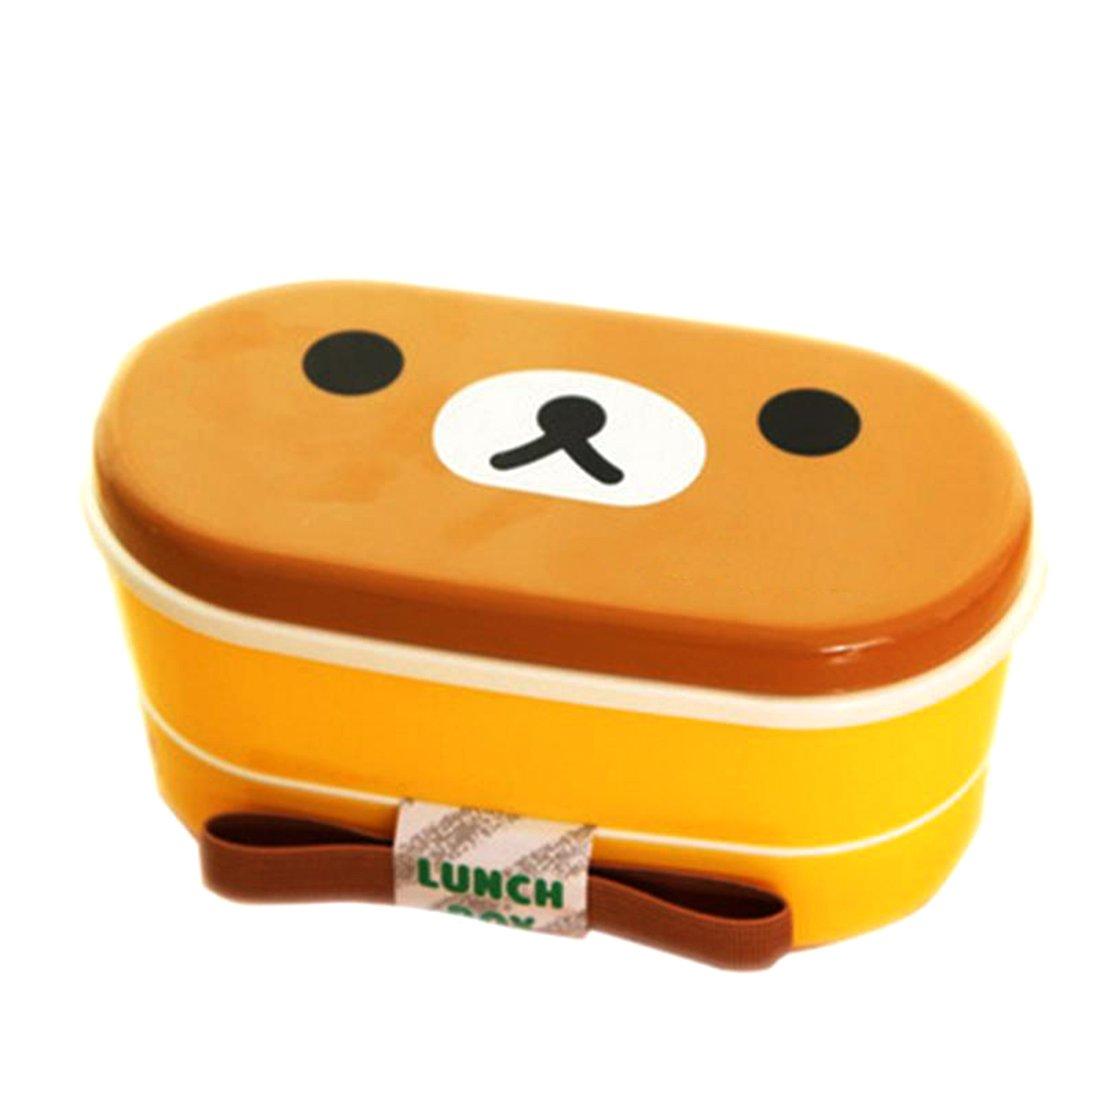 2capa dibujos animados fiambrera Bento caja de almuerzo envase de alimento con palillos japonés estilo Luwu-Store